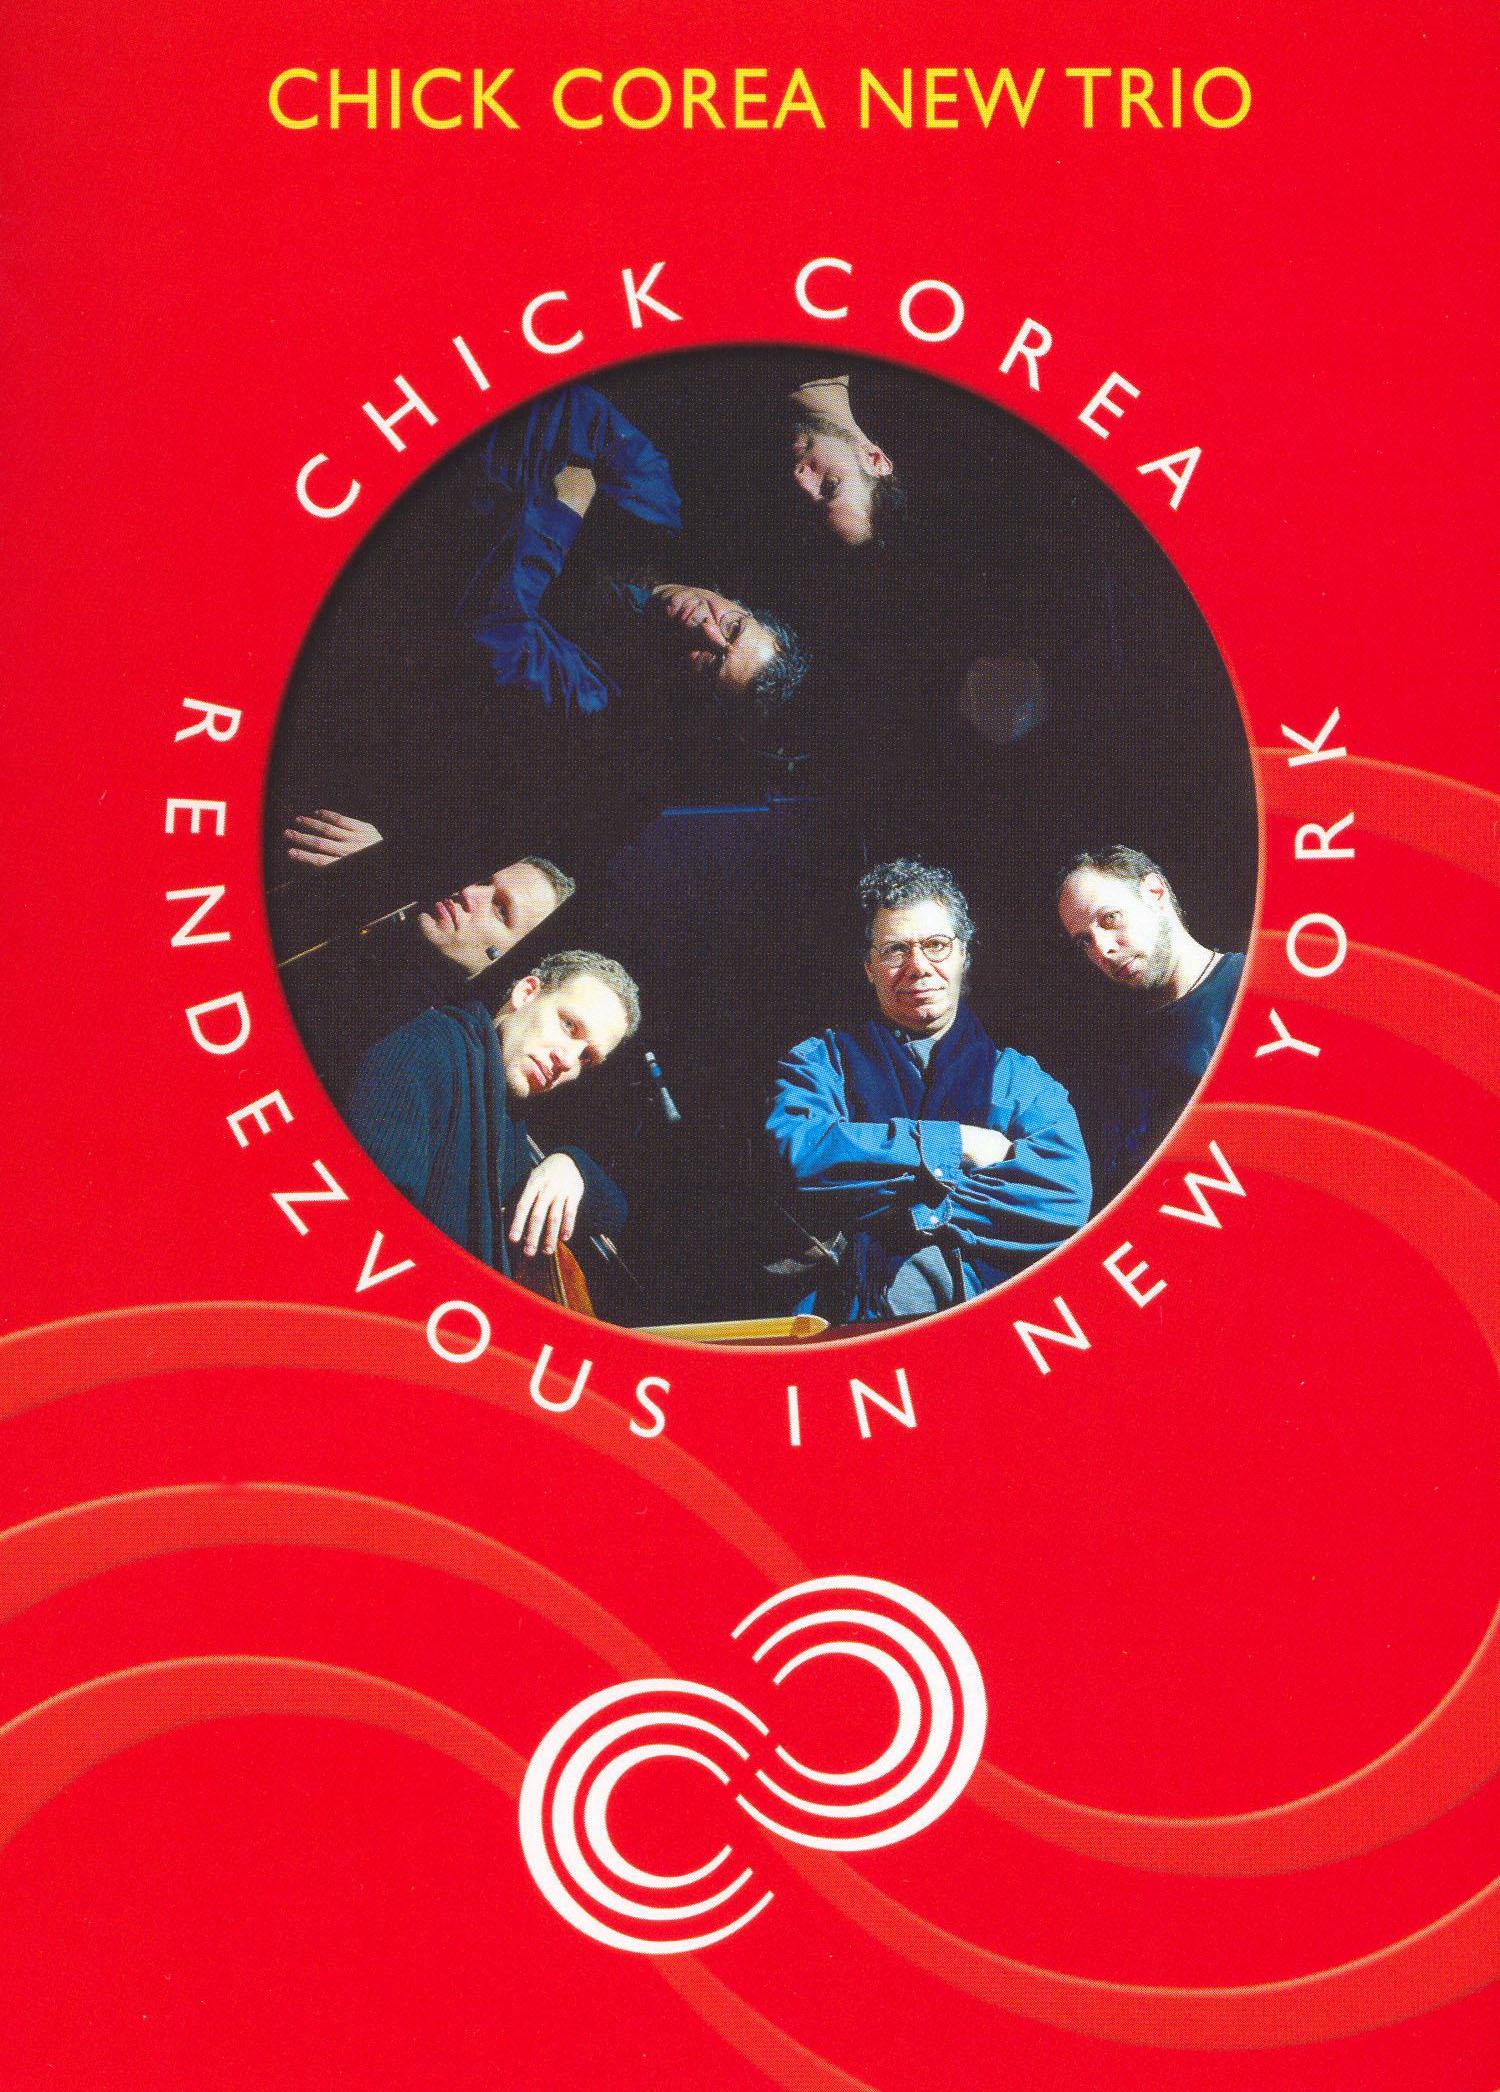 Chick Corea: Rendezvous in New York - Chick Corea's New Trio